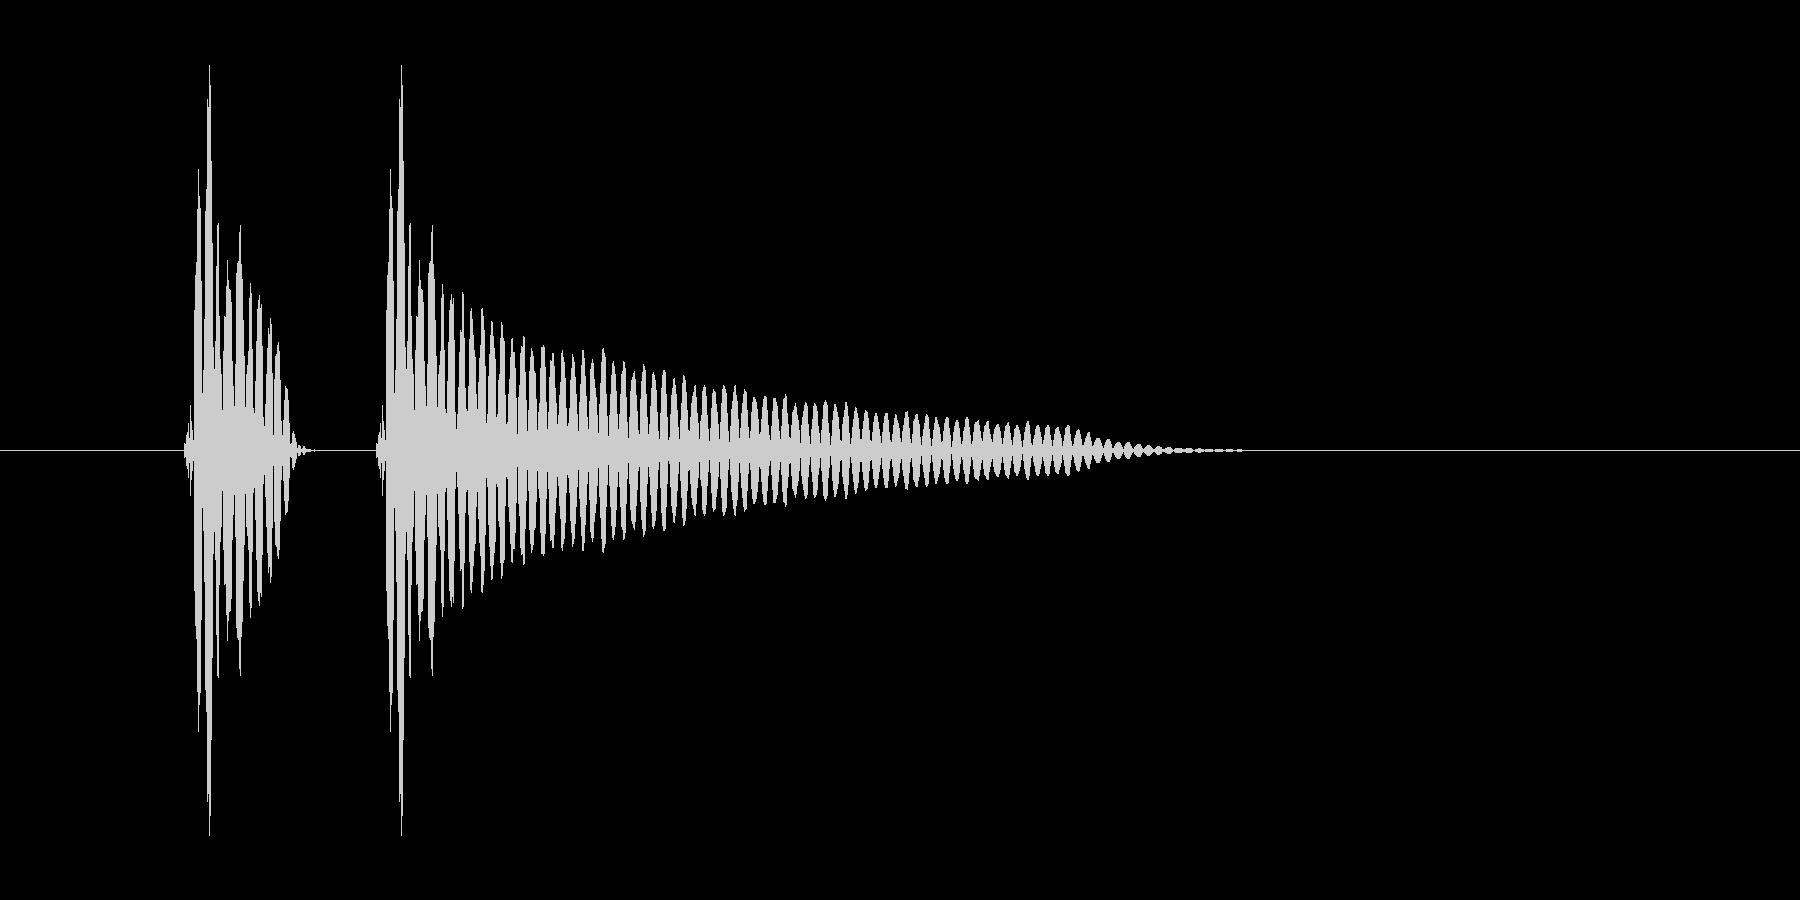 「ポンッ」スマホアプリのタッチ音想定の未再生の波形